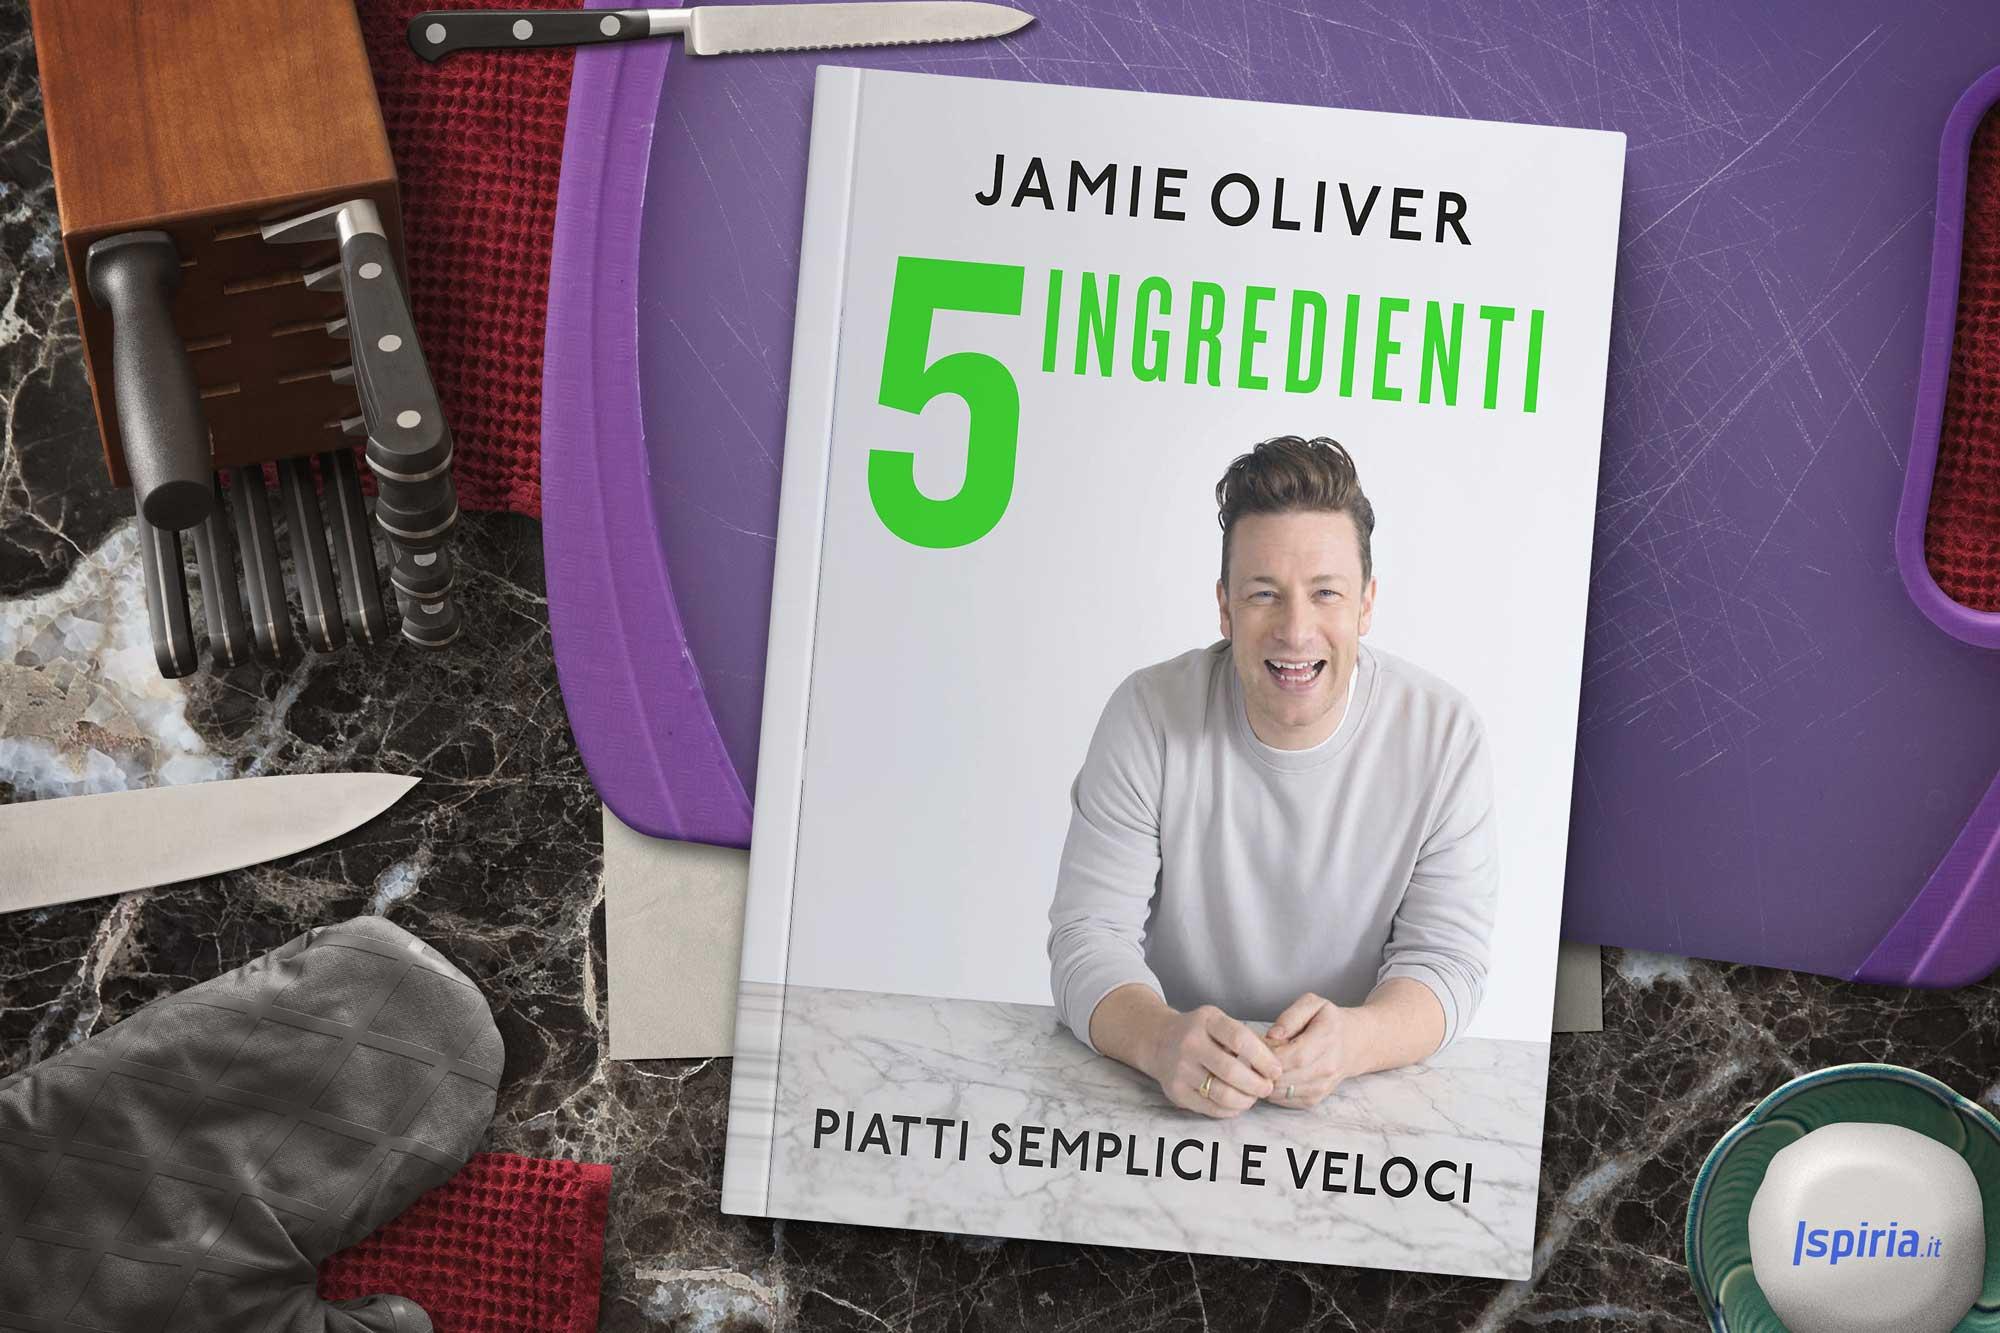 Migliore libro per imparare a cucinare bene for Libri di cucina professionali pdf